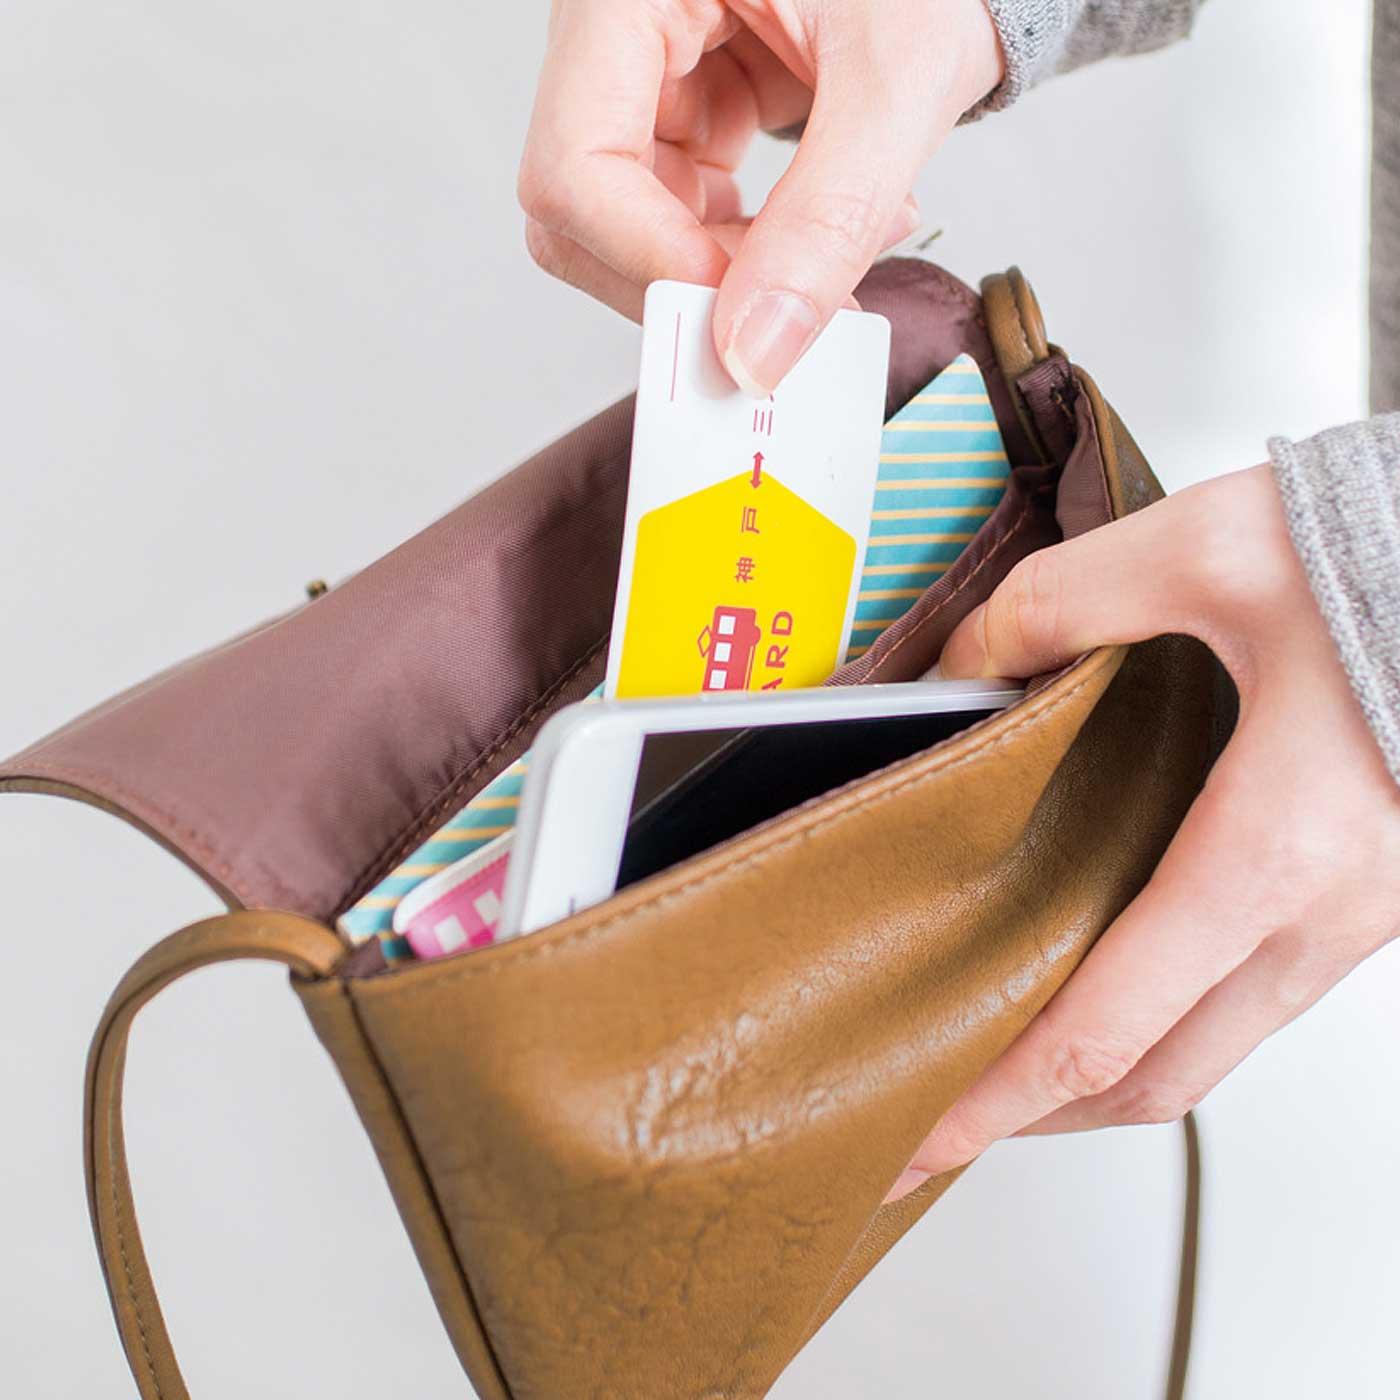 財布やスマートフォン、ハンカチなど必要なものをコンパクトに収納。小物を仕分けるのに便利な内ポケット付き。